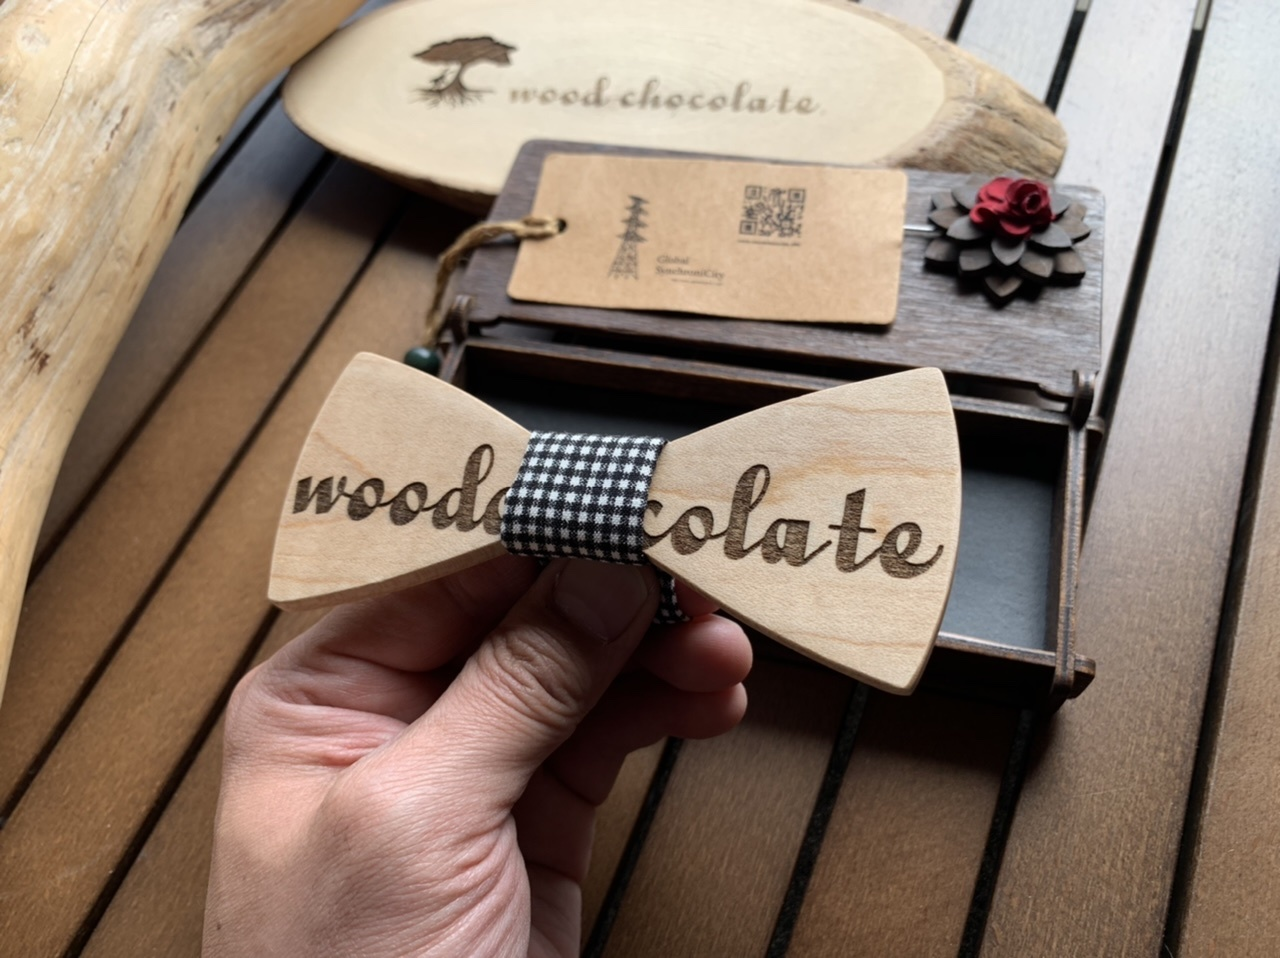 木製 蝶ネクタイ #woodchocolate - 画像3